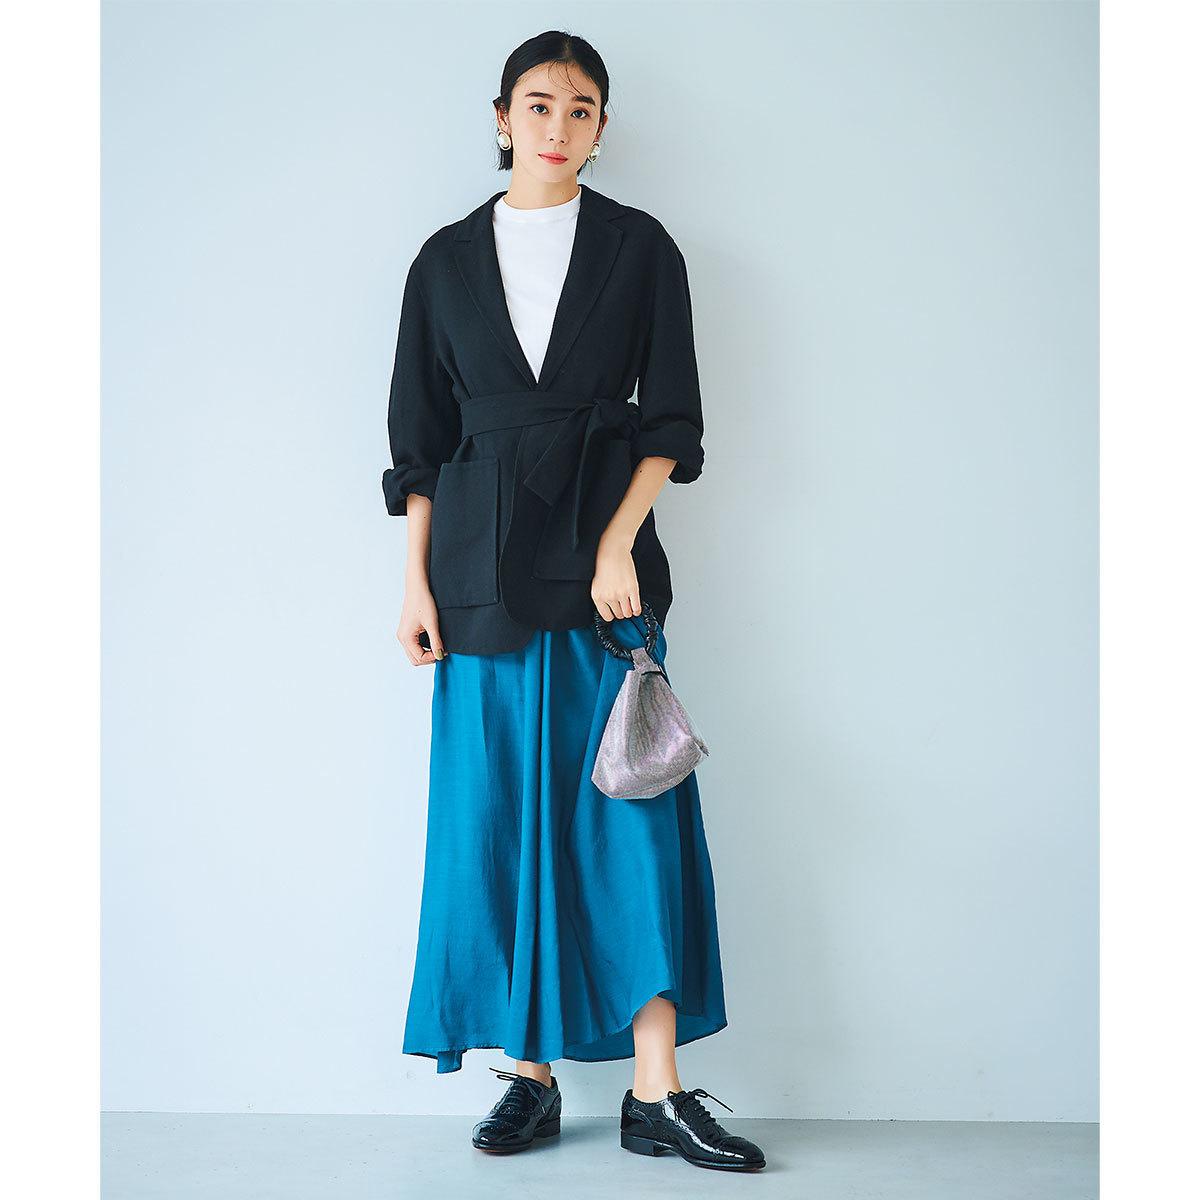 ジャケット×コバルトブルーのスカートコーデ